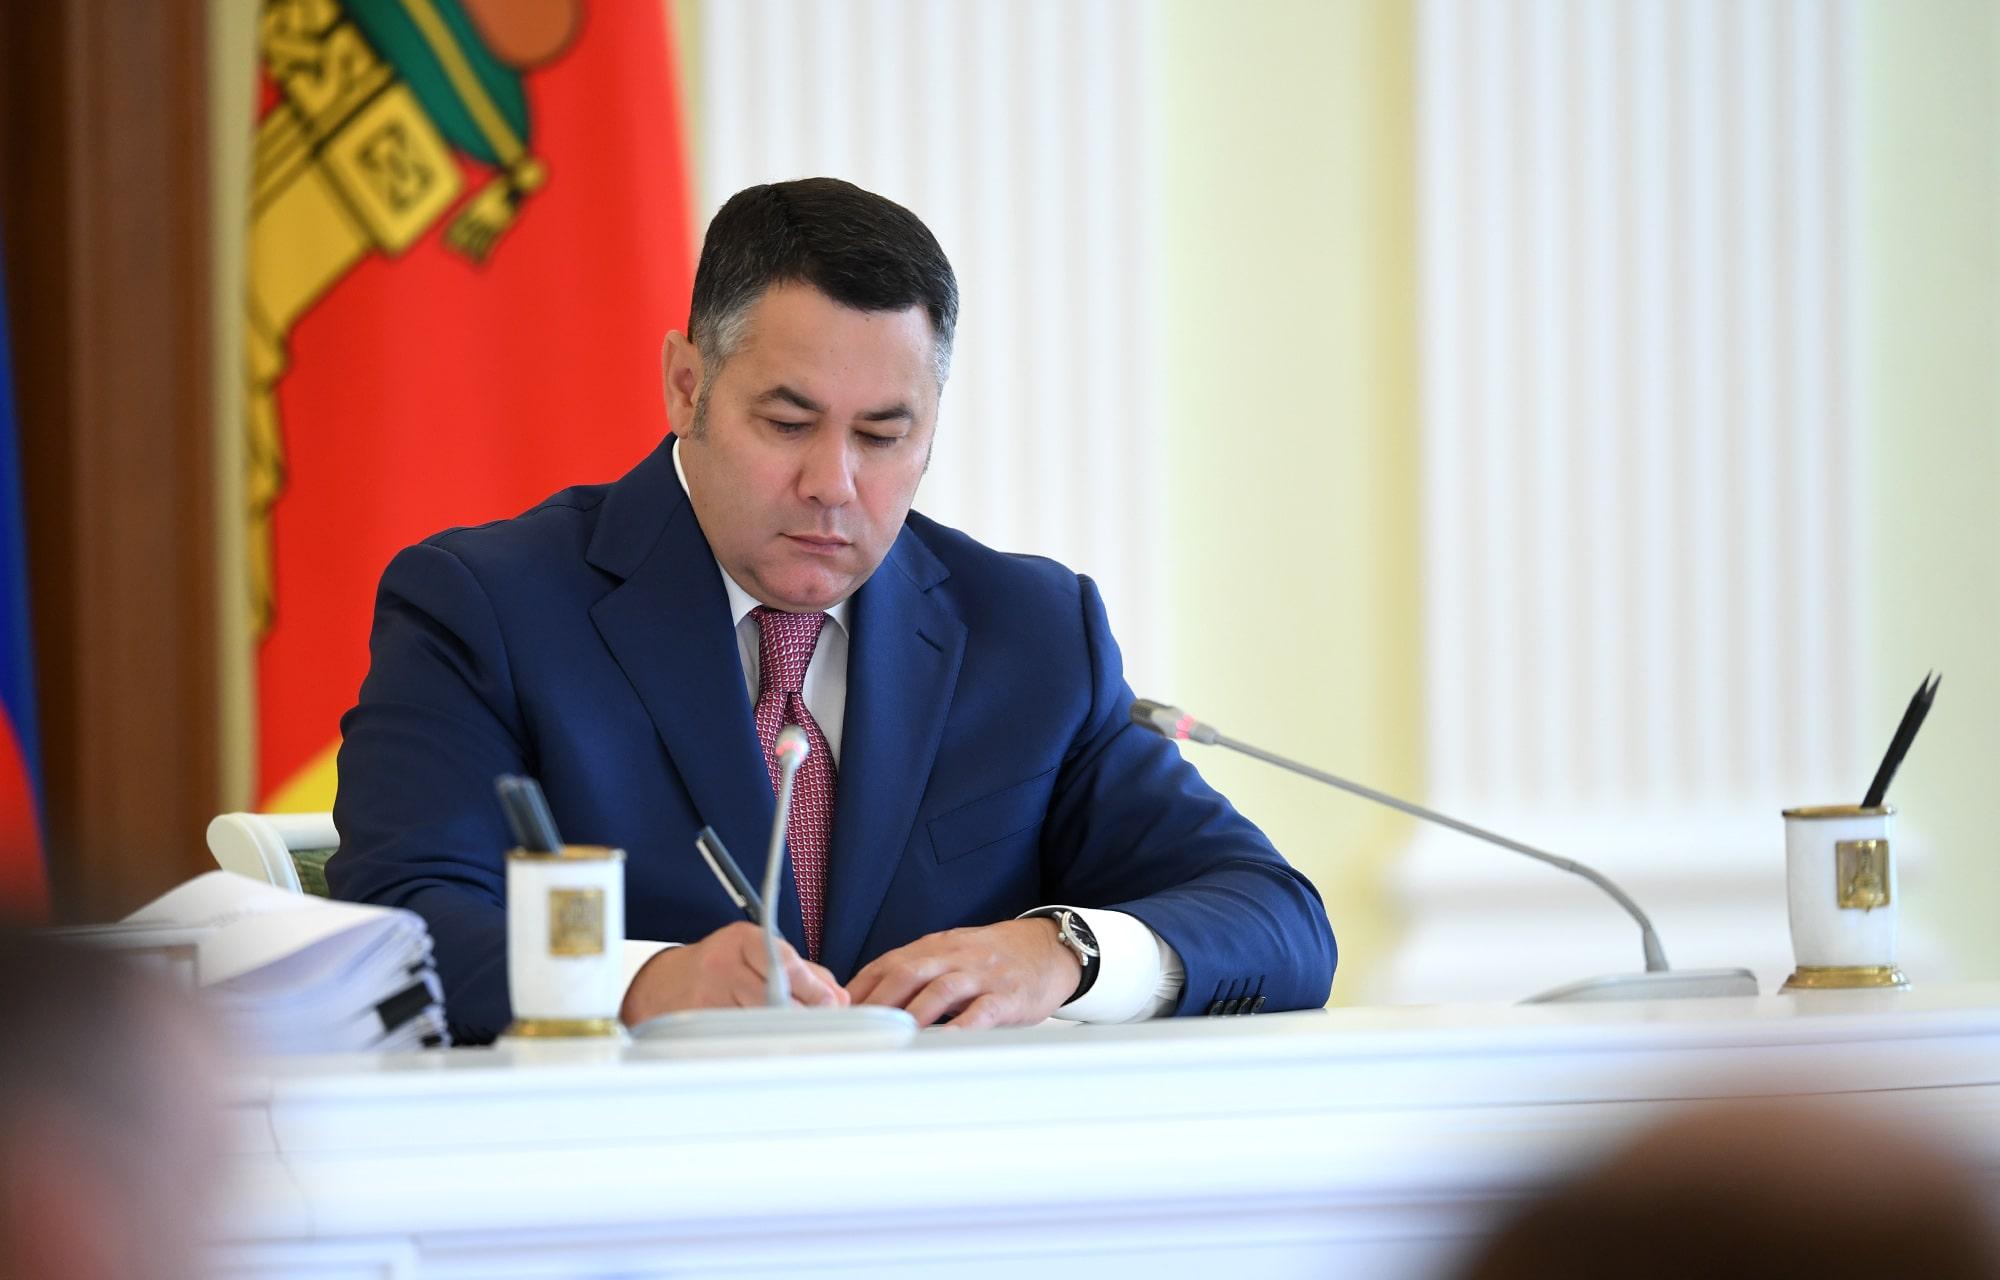 Игорь Руденя: у всех детей Тверской области должны быть современные условия для развития талантов и способностей